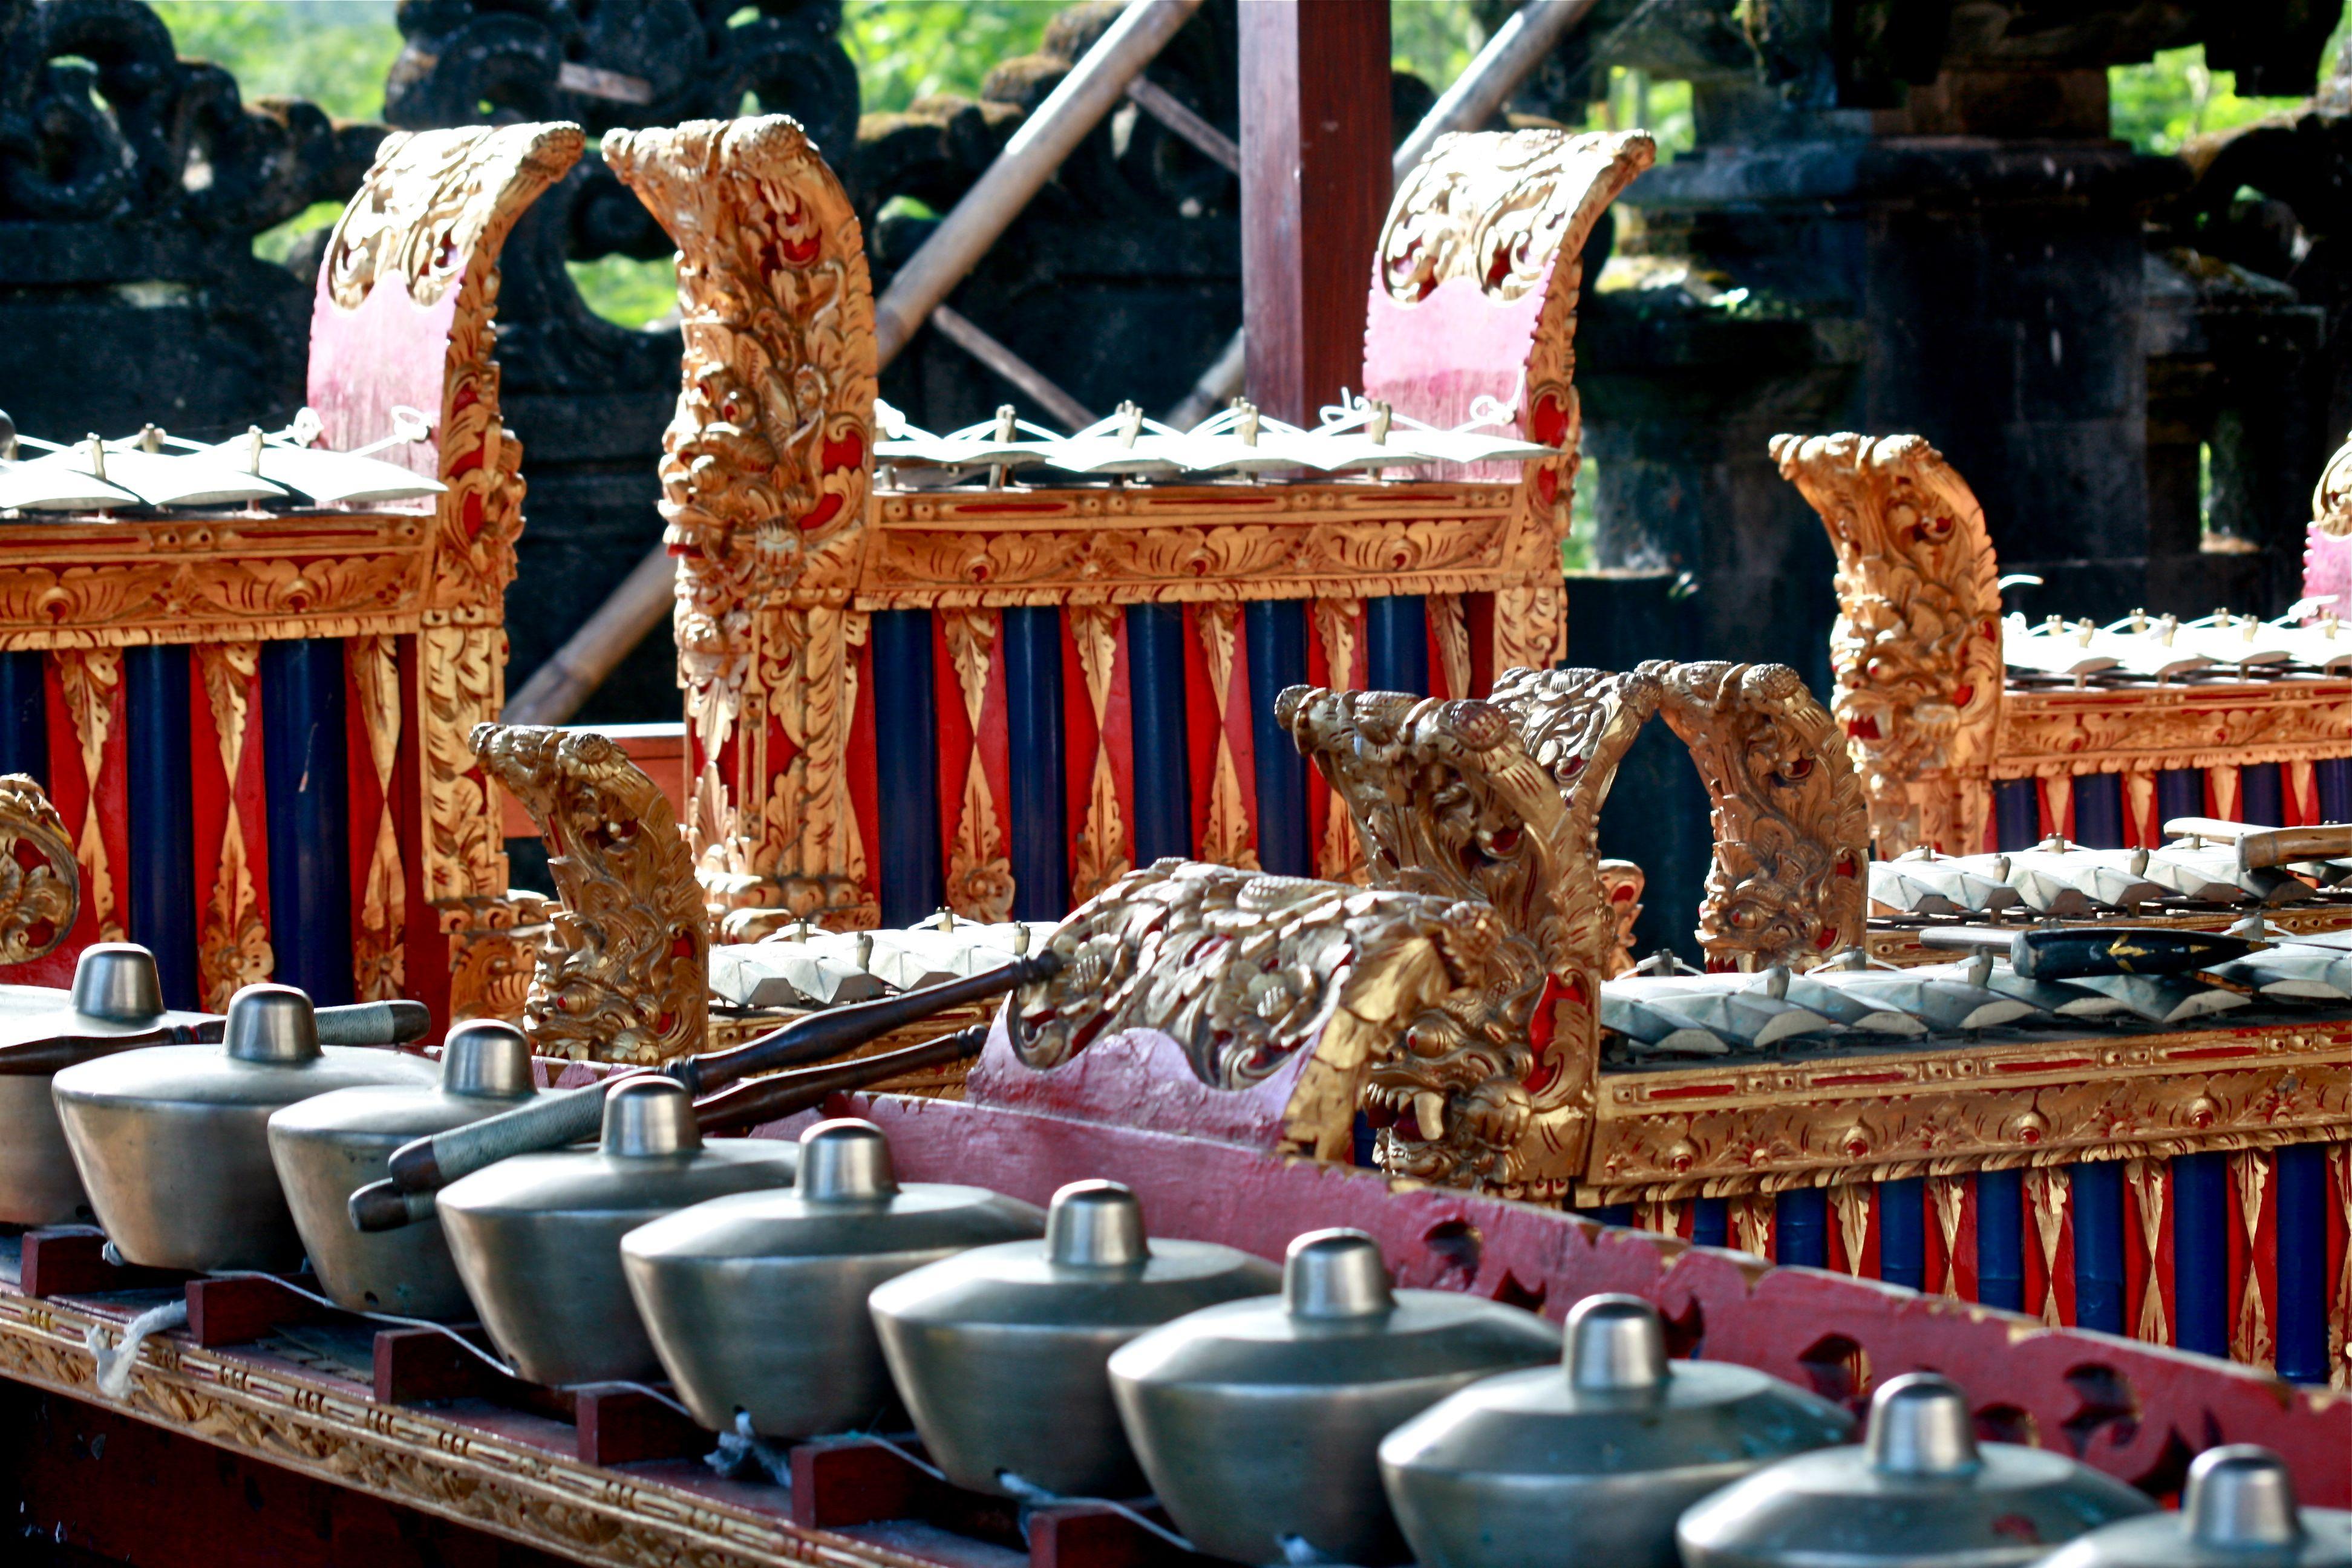 Amazing Gamelan In Besakhi Temple Bali Indonesia Asia Music Instrument Bali Indonesia Bali Indonesia